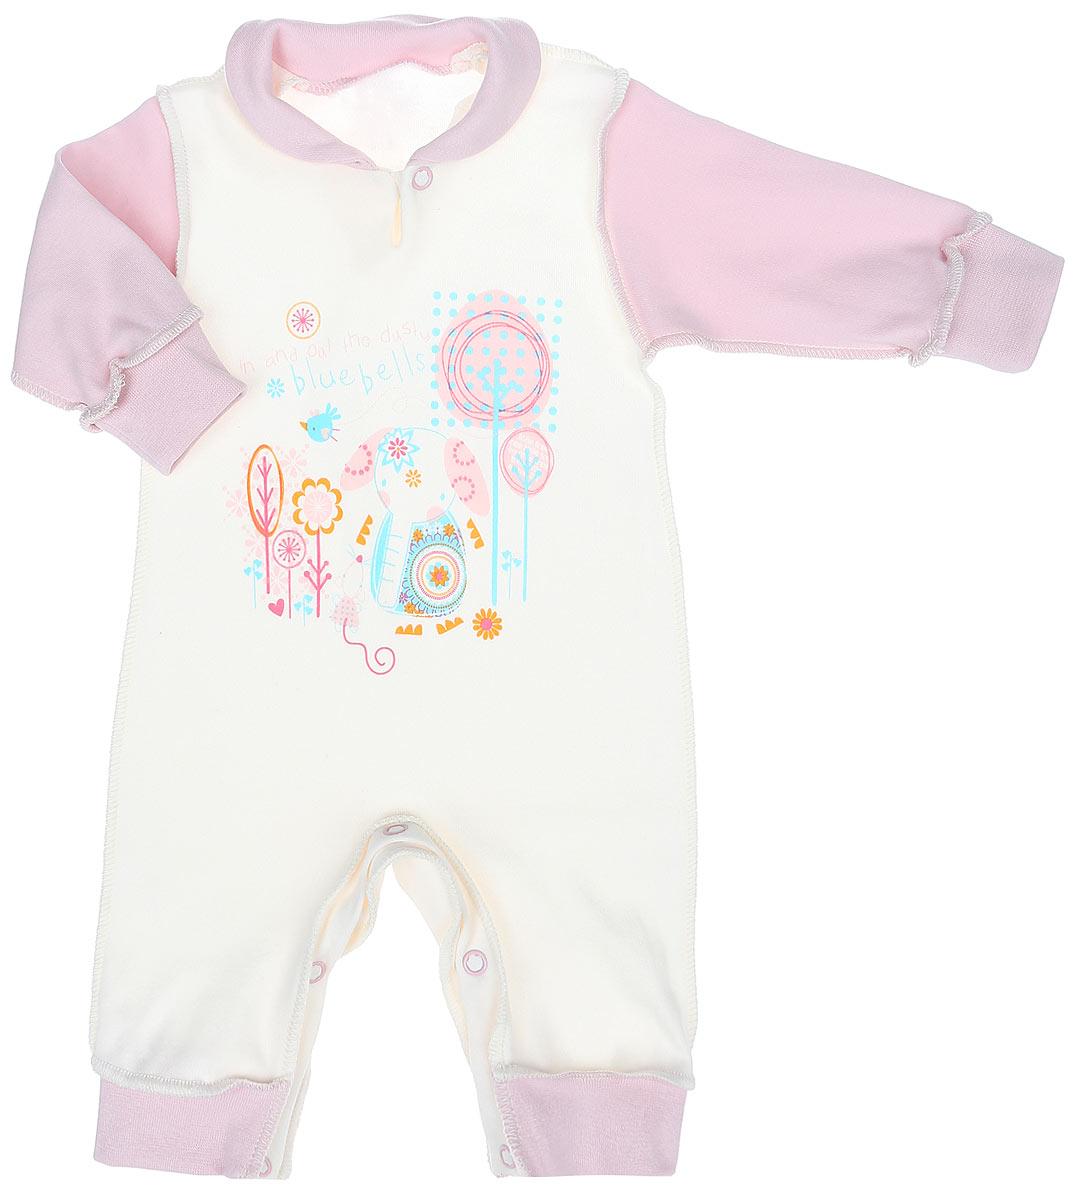 3659Комбинезон для девочки КотМарКот Слоник идеально подойдет вашему ребенку, обеспечивая ему максимальный комфорт. Выполненный из интерлока - натурального хлопка, он очень мягкий на ощупь, не раздражает даже самую нежную и чувствительную кожу ребенка. Комбинезон с длинными рукавами, отложным воротником и открытыми ножками имеет застежки-кнопки спереди и на ластовице, что помогает легко переодеть младенца или сменить подгузник. Рукава и низ брючин дополнены широкими трикотажными манжетами. Спереди модель оформлена принтом с изображением слоника, а также надписями. В таком комбинезоне спинка и ножки младенца всегда будут в тепле, и кроха будет чувствовать себя комфортно и уютно.